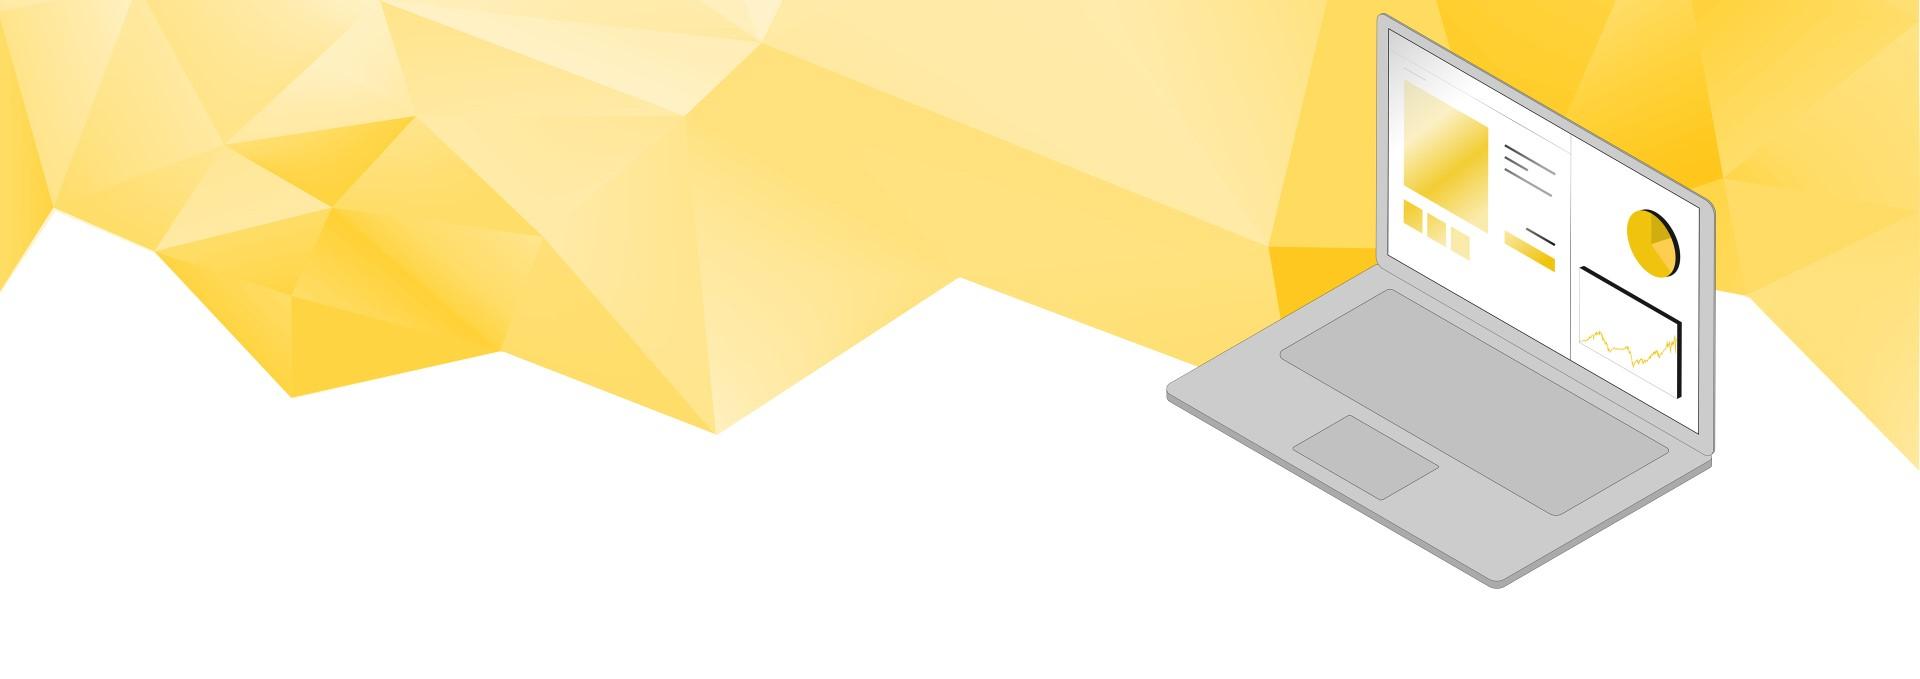 EXWE Grafik Laptop